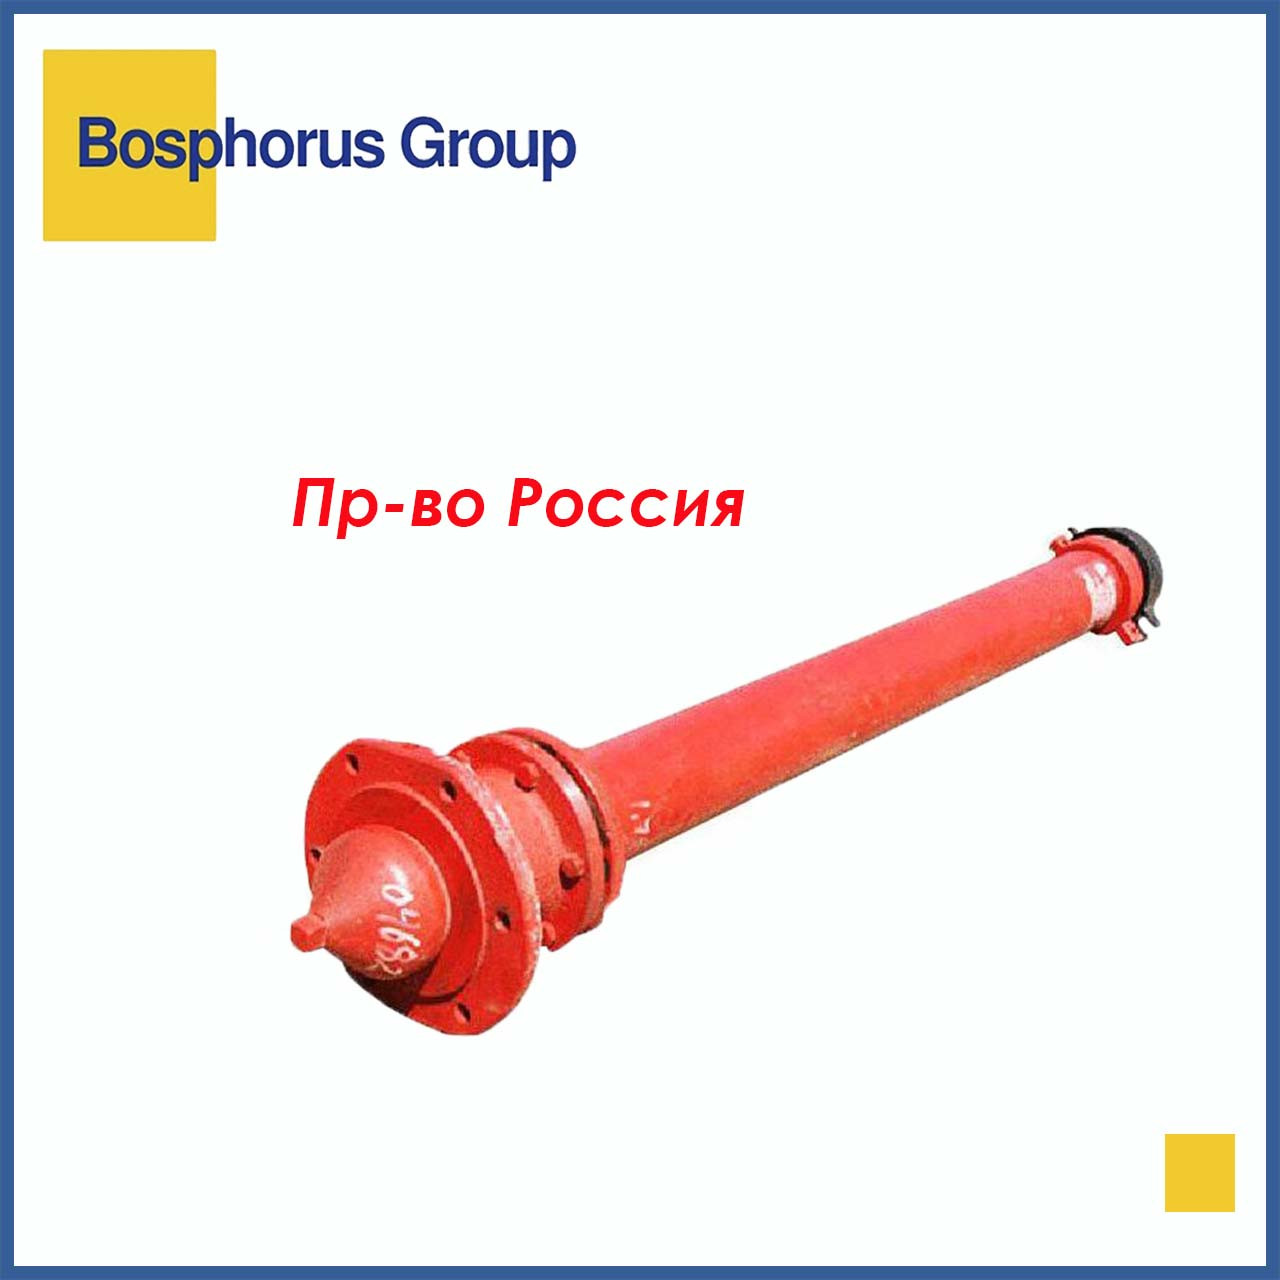 Пожарный гидрант стальной 2,25 м., подземный (Россия)